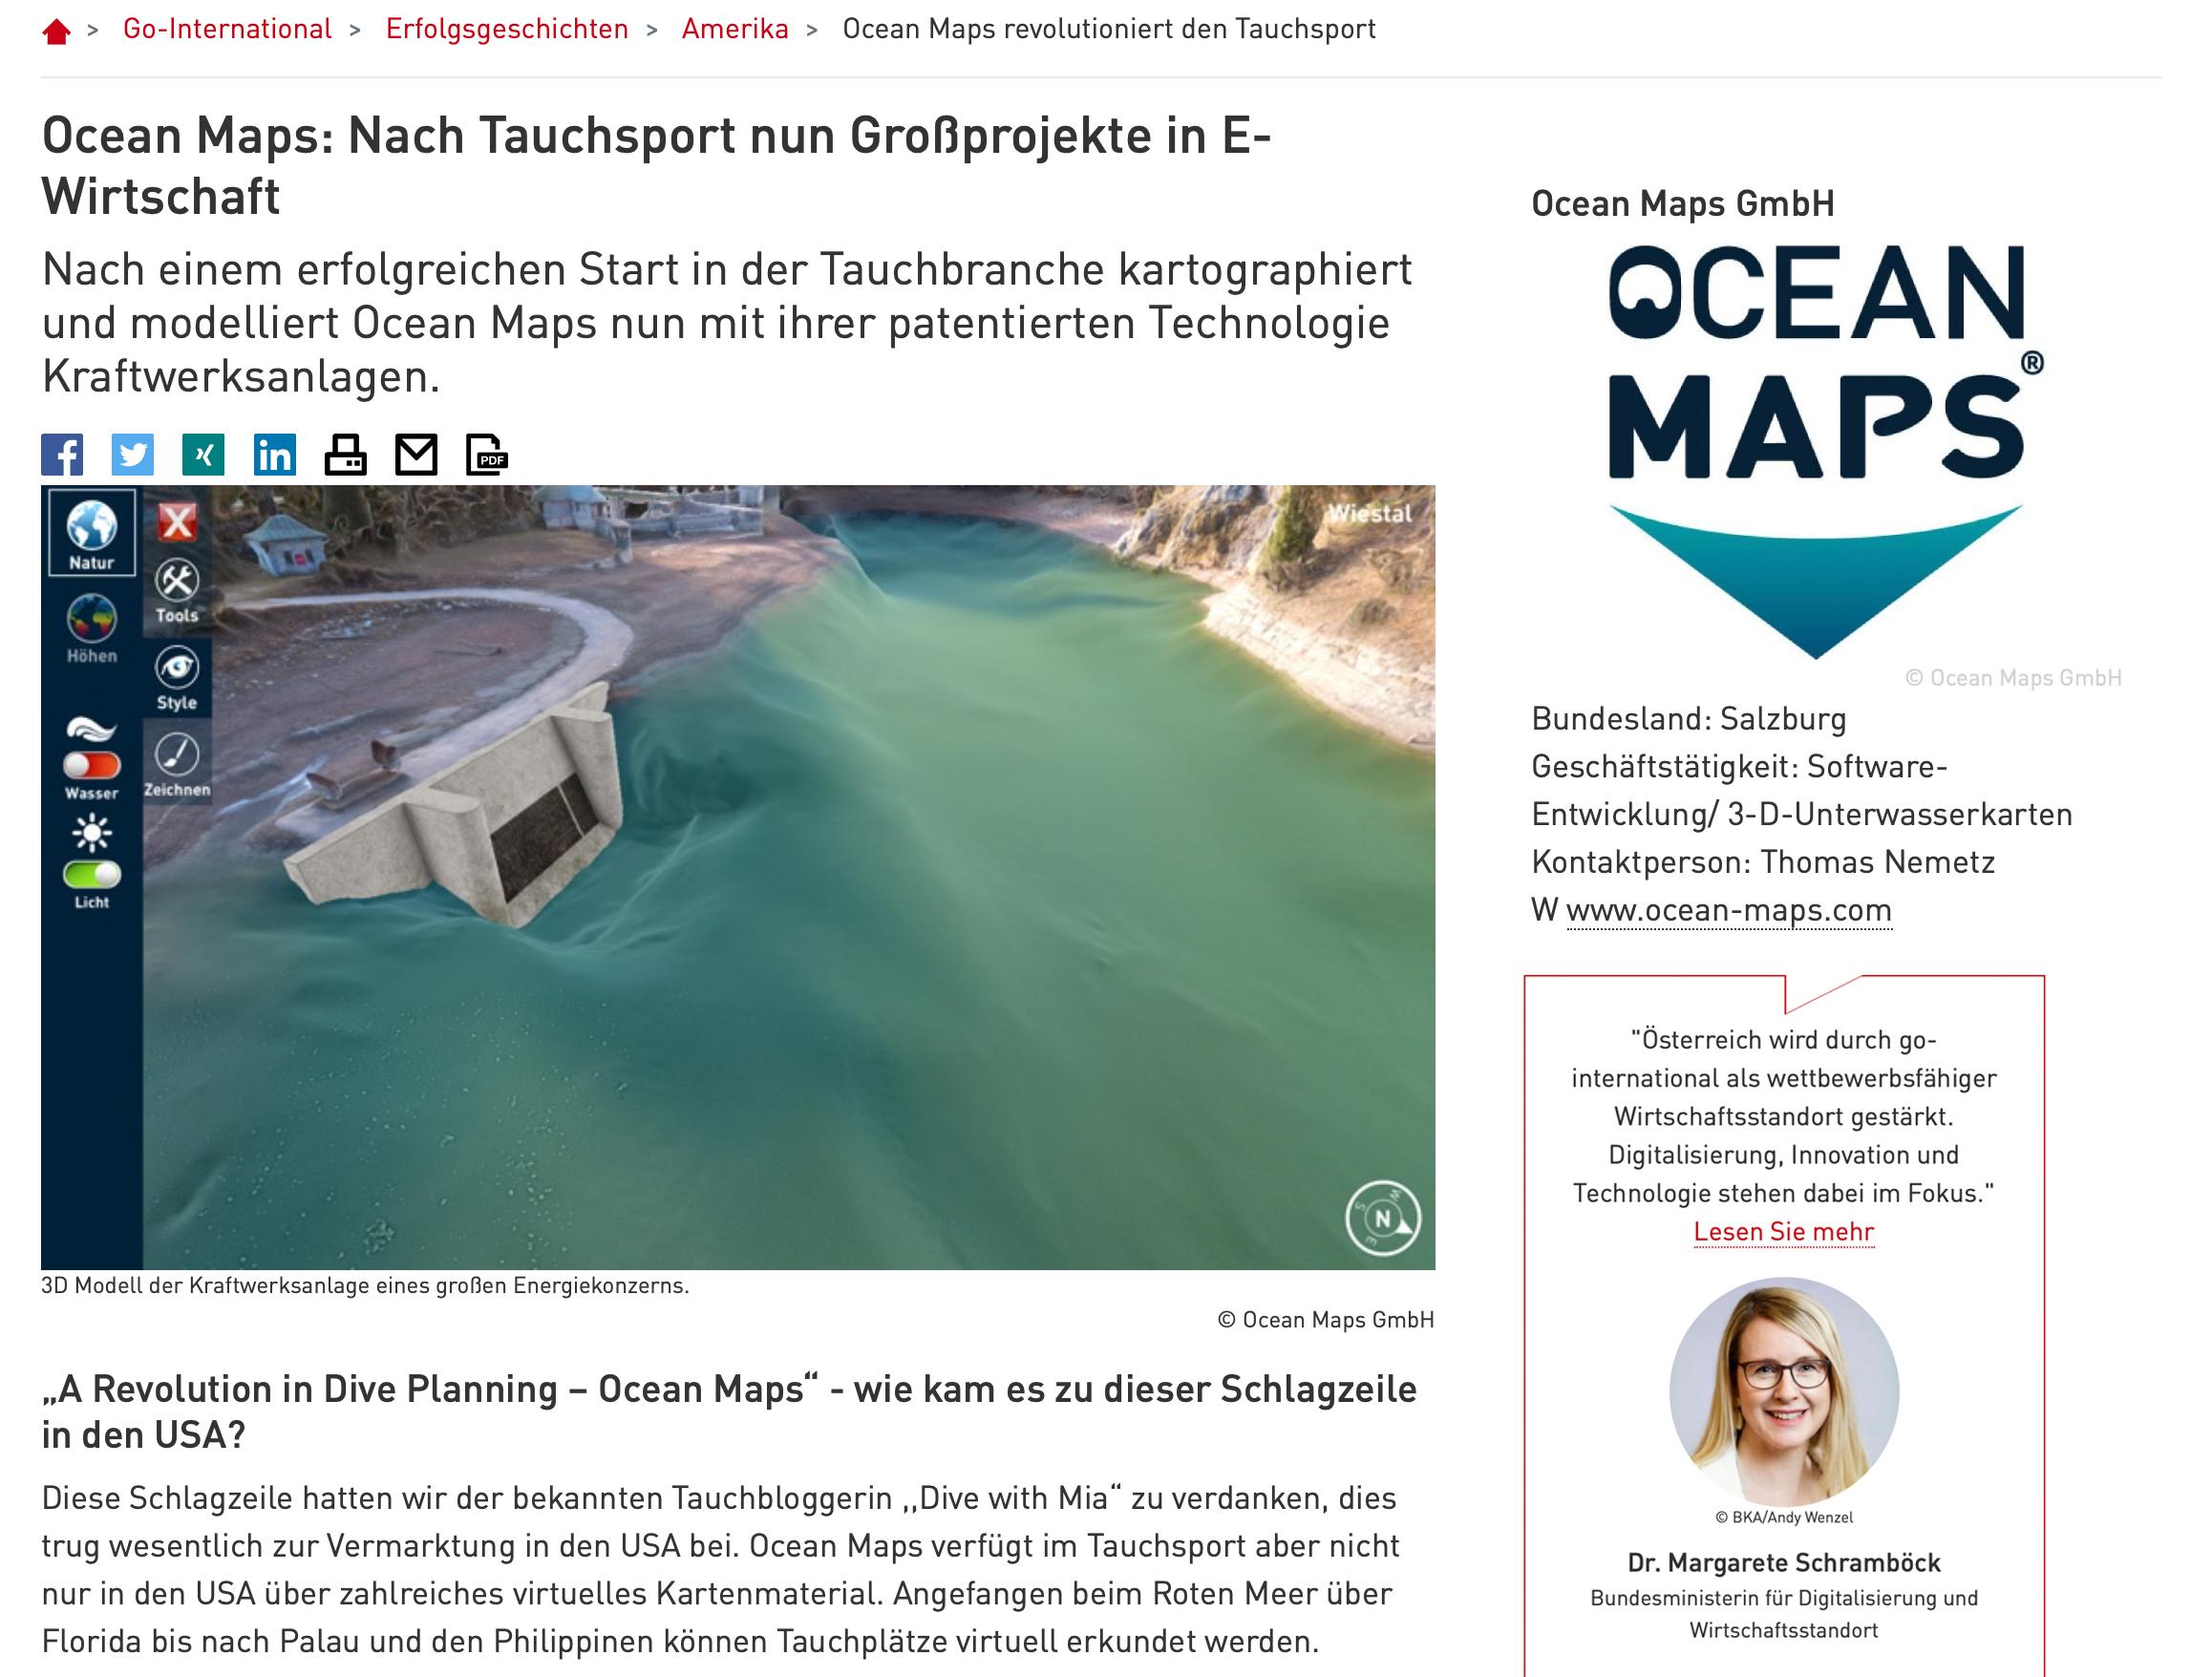 Go-International OCEAN-MAPS E-Wirtschaft